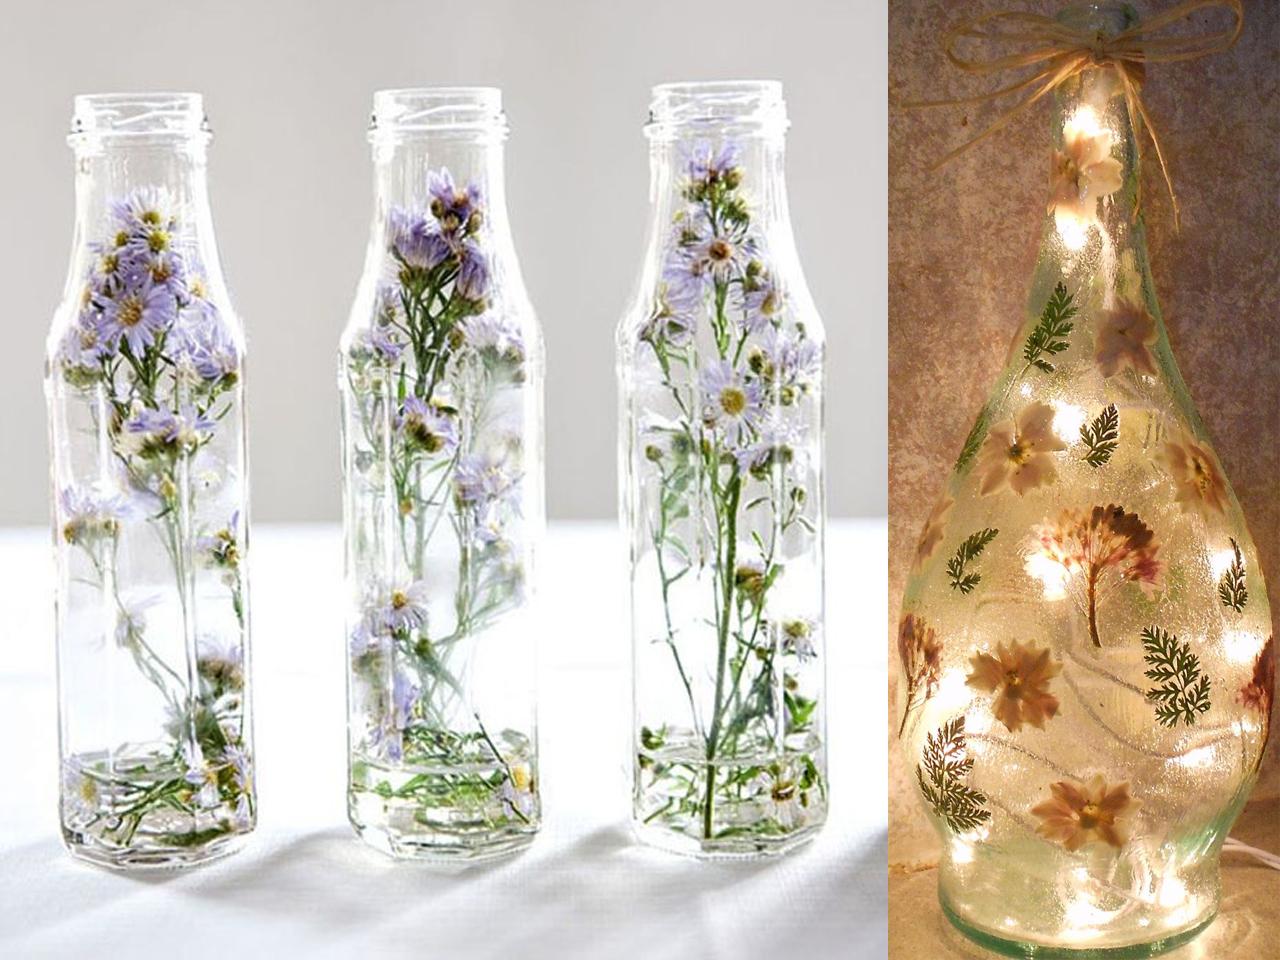 Como Decorar Una Botella De Vidrio Con Flores Secas